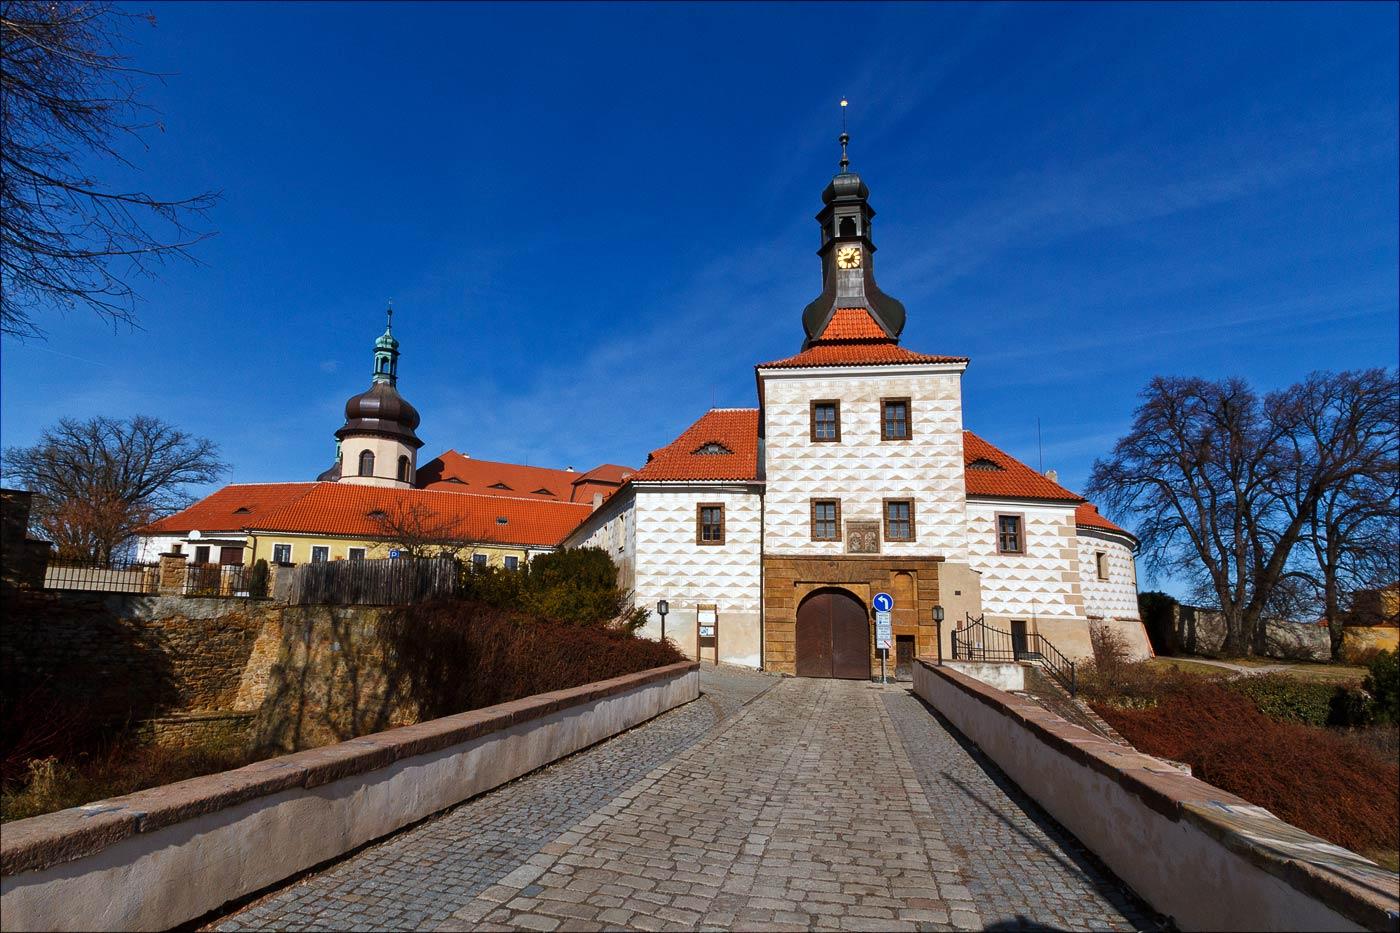 Замок в Костельце над Черными лесами